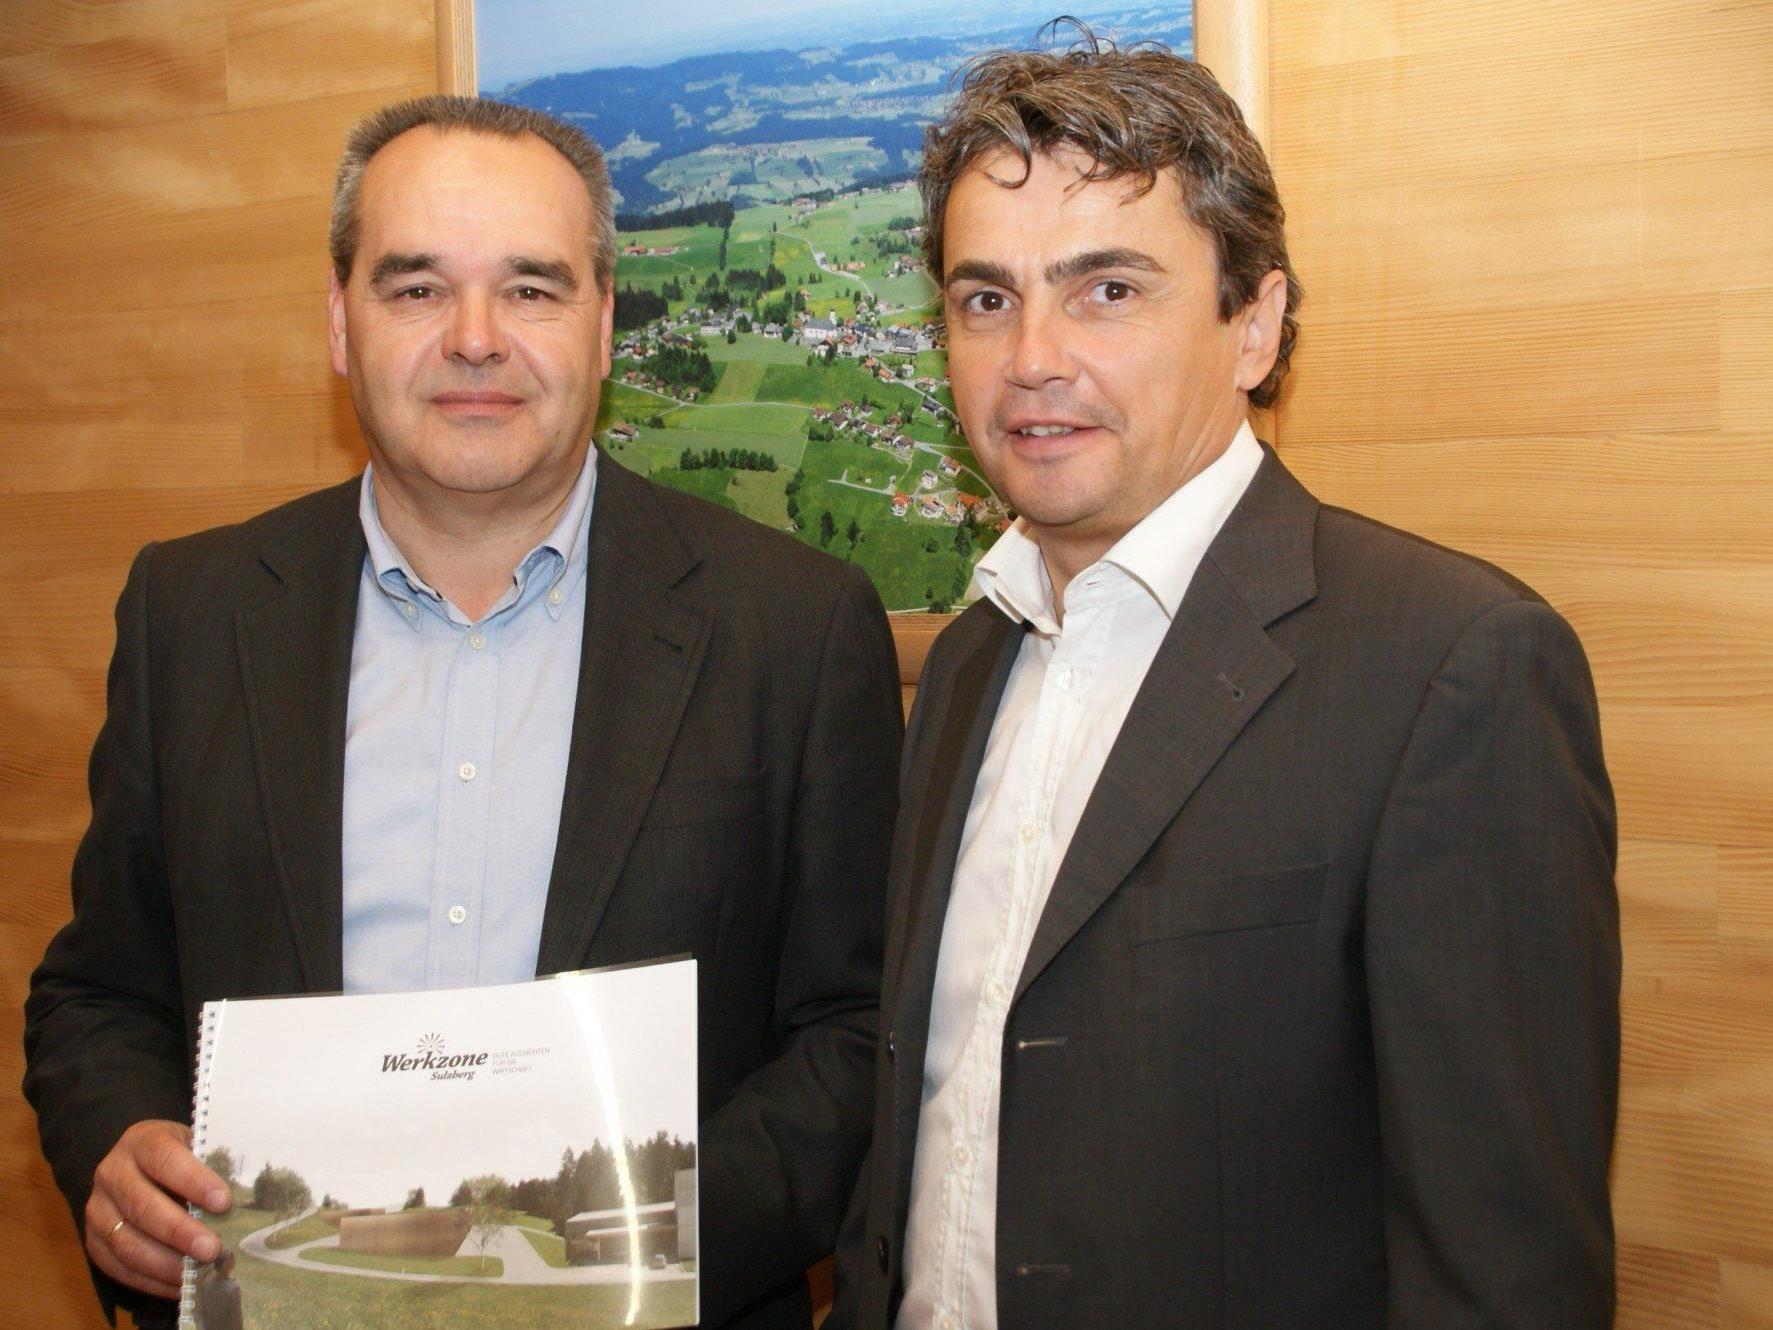 Bürgermeister Helmut blank und Mag. Marco Fehr präsentieren das neue Projekt